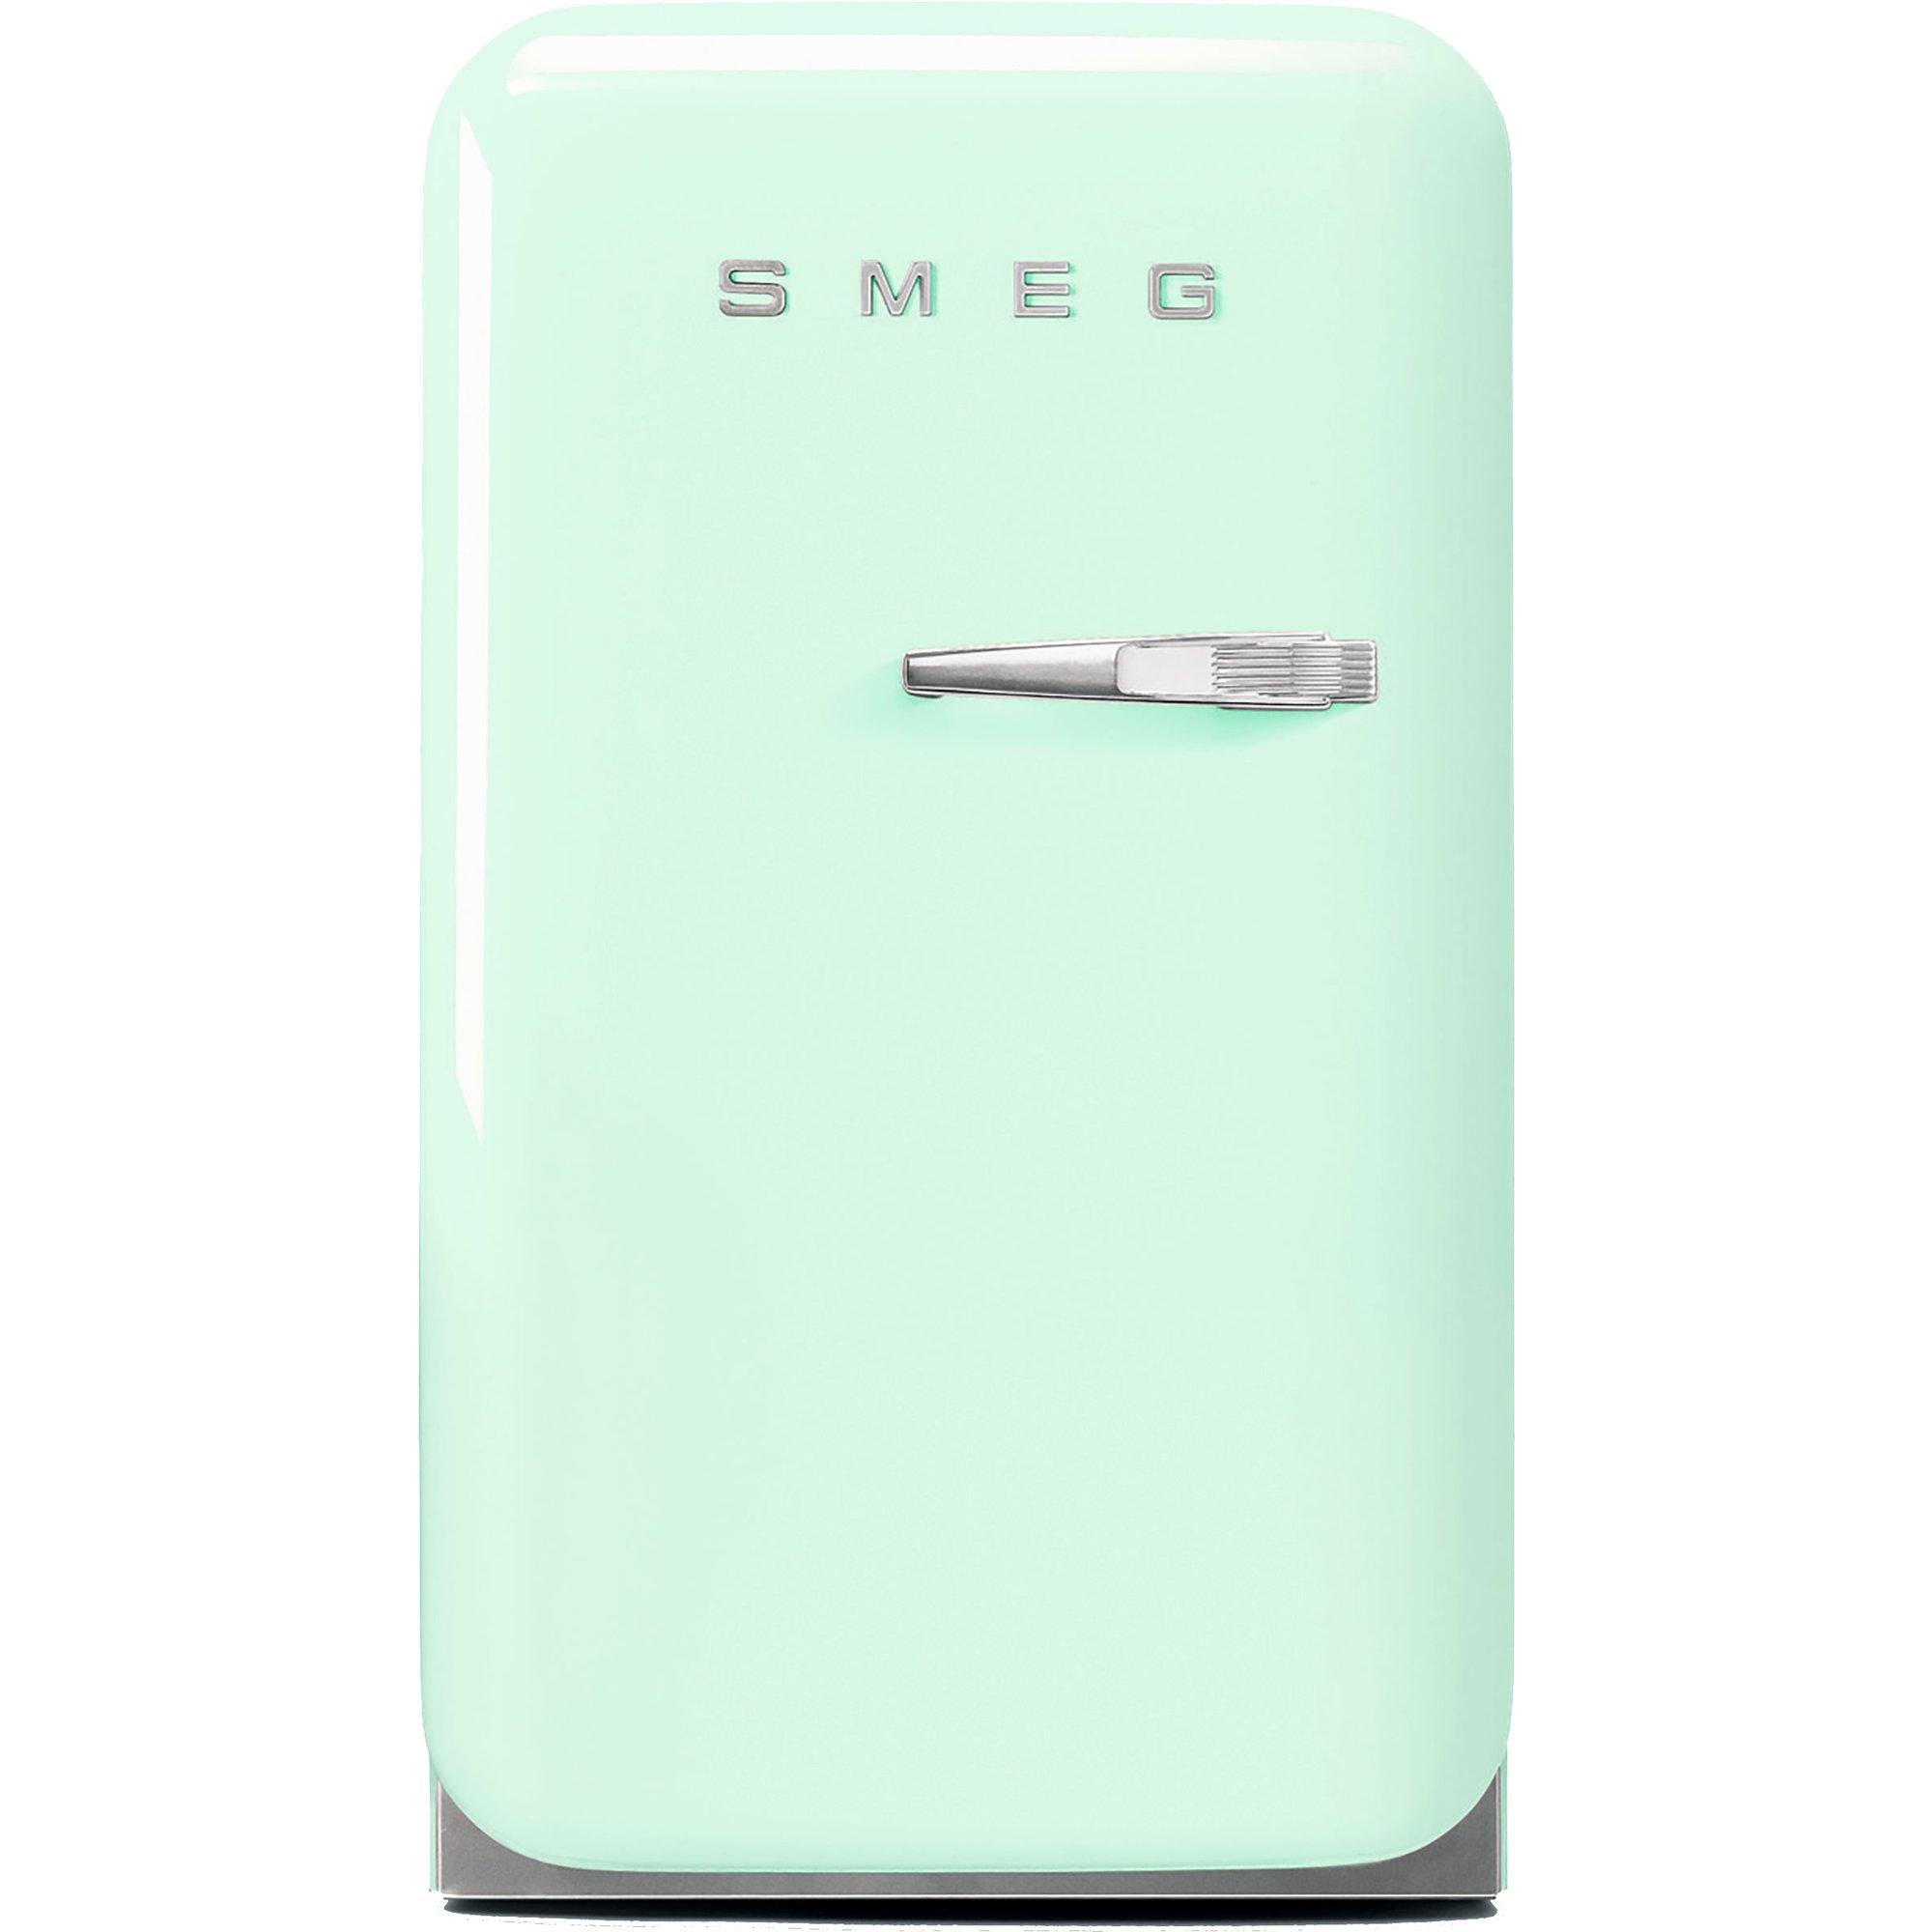 Smeg 74 cm kylskåp i retrostil vänsterhängt – pastellgrön